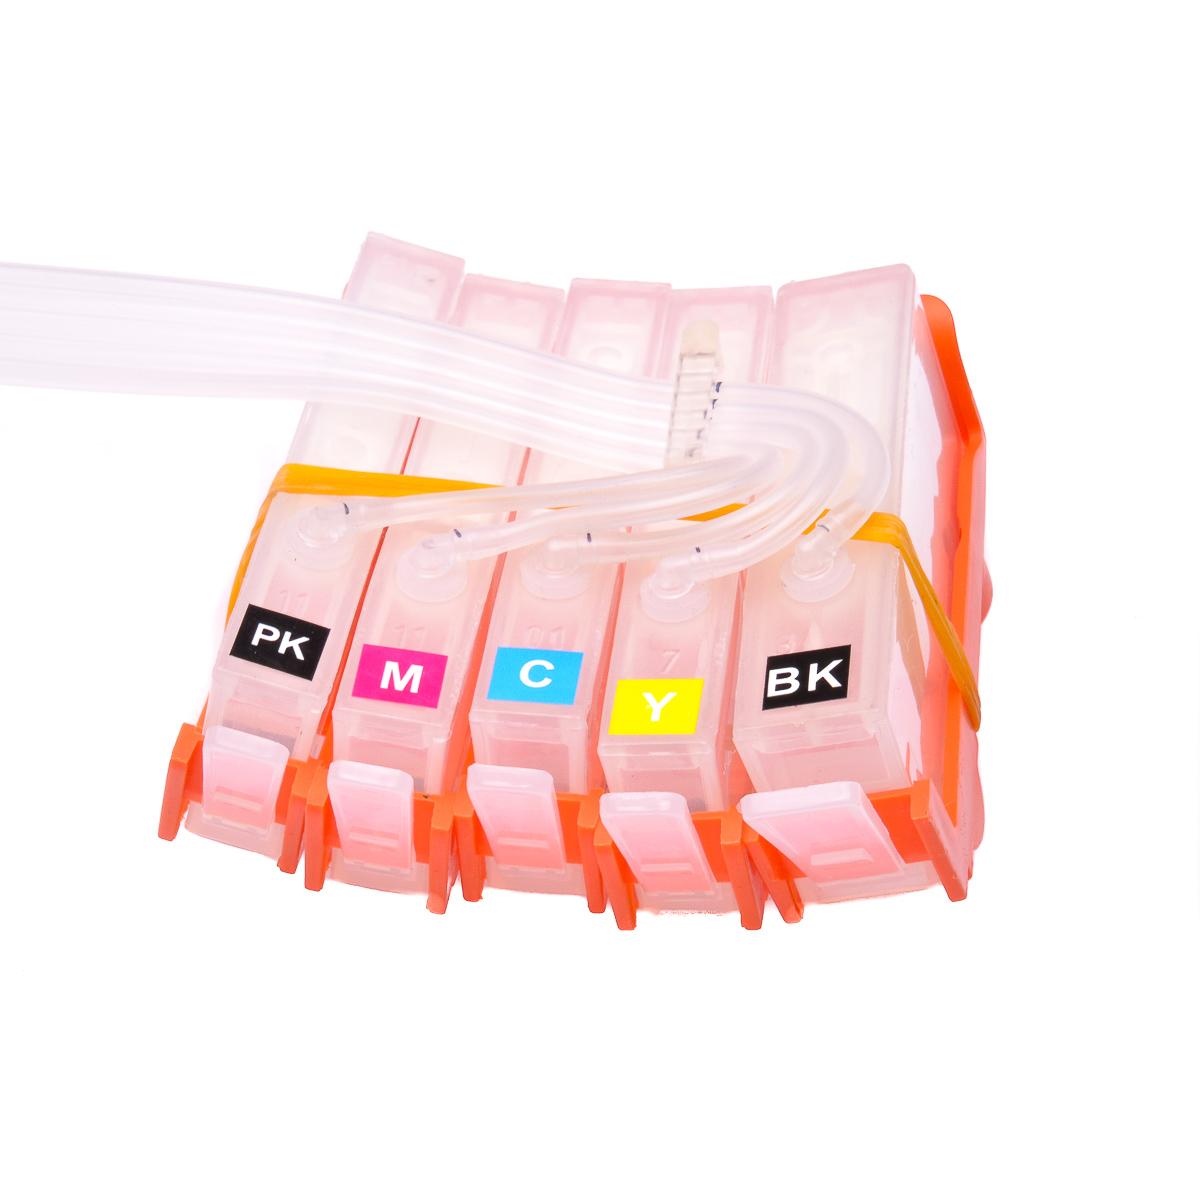 Ciss for HP Photosmart 7515, dye ink #4